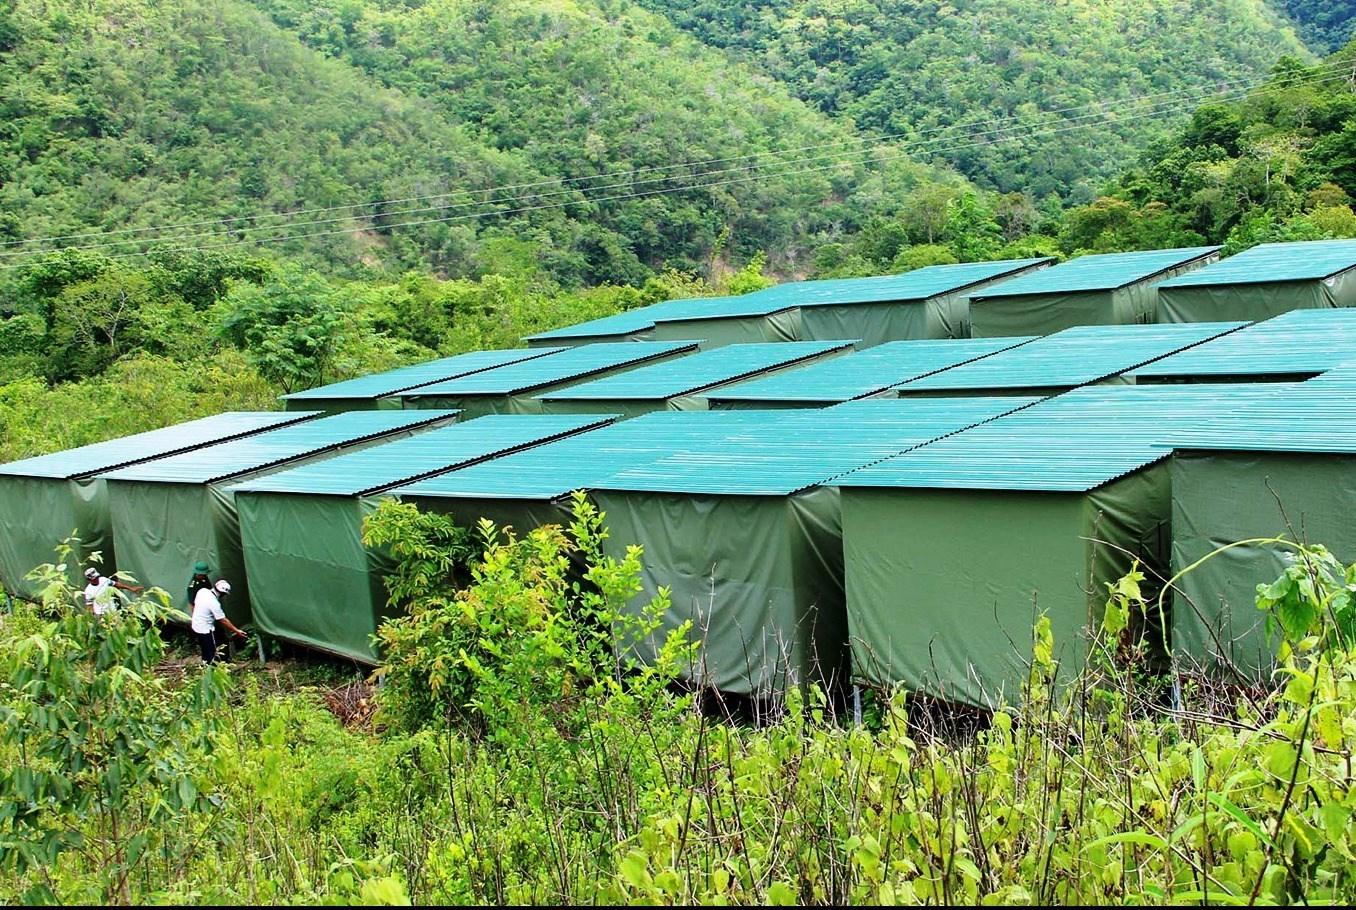 Người dân các xã Mường Típ, Mường Ải được hỗ trợ xây dựng nhà tạm để di dời khi có mưa bão